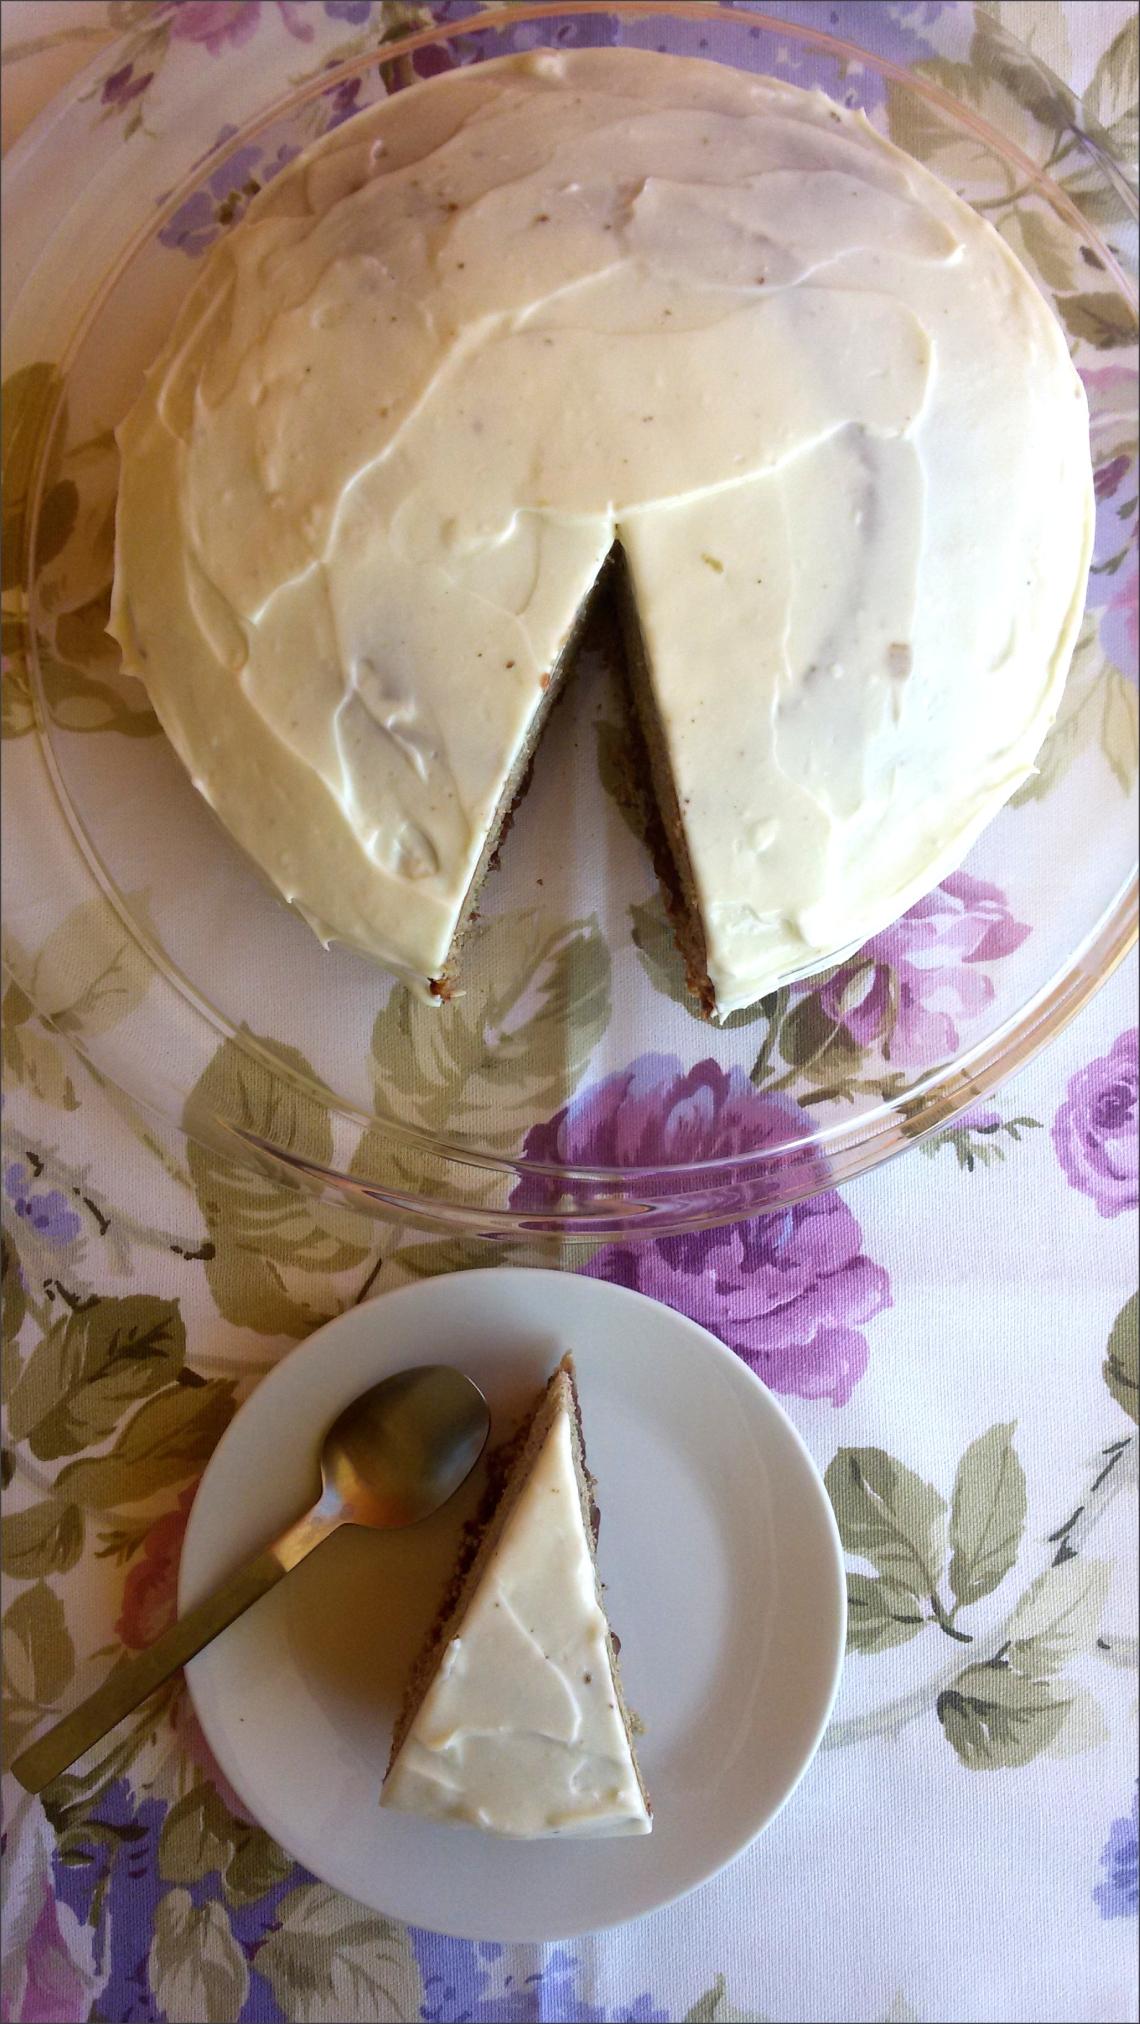 Torta-di-grano-saraceno-con-confettura-di-fragoline-di-bosco-e-frosting-al-formaggio